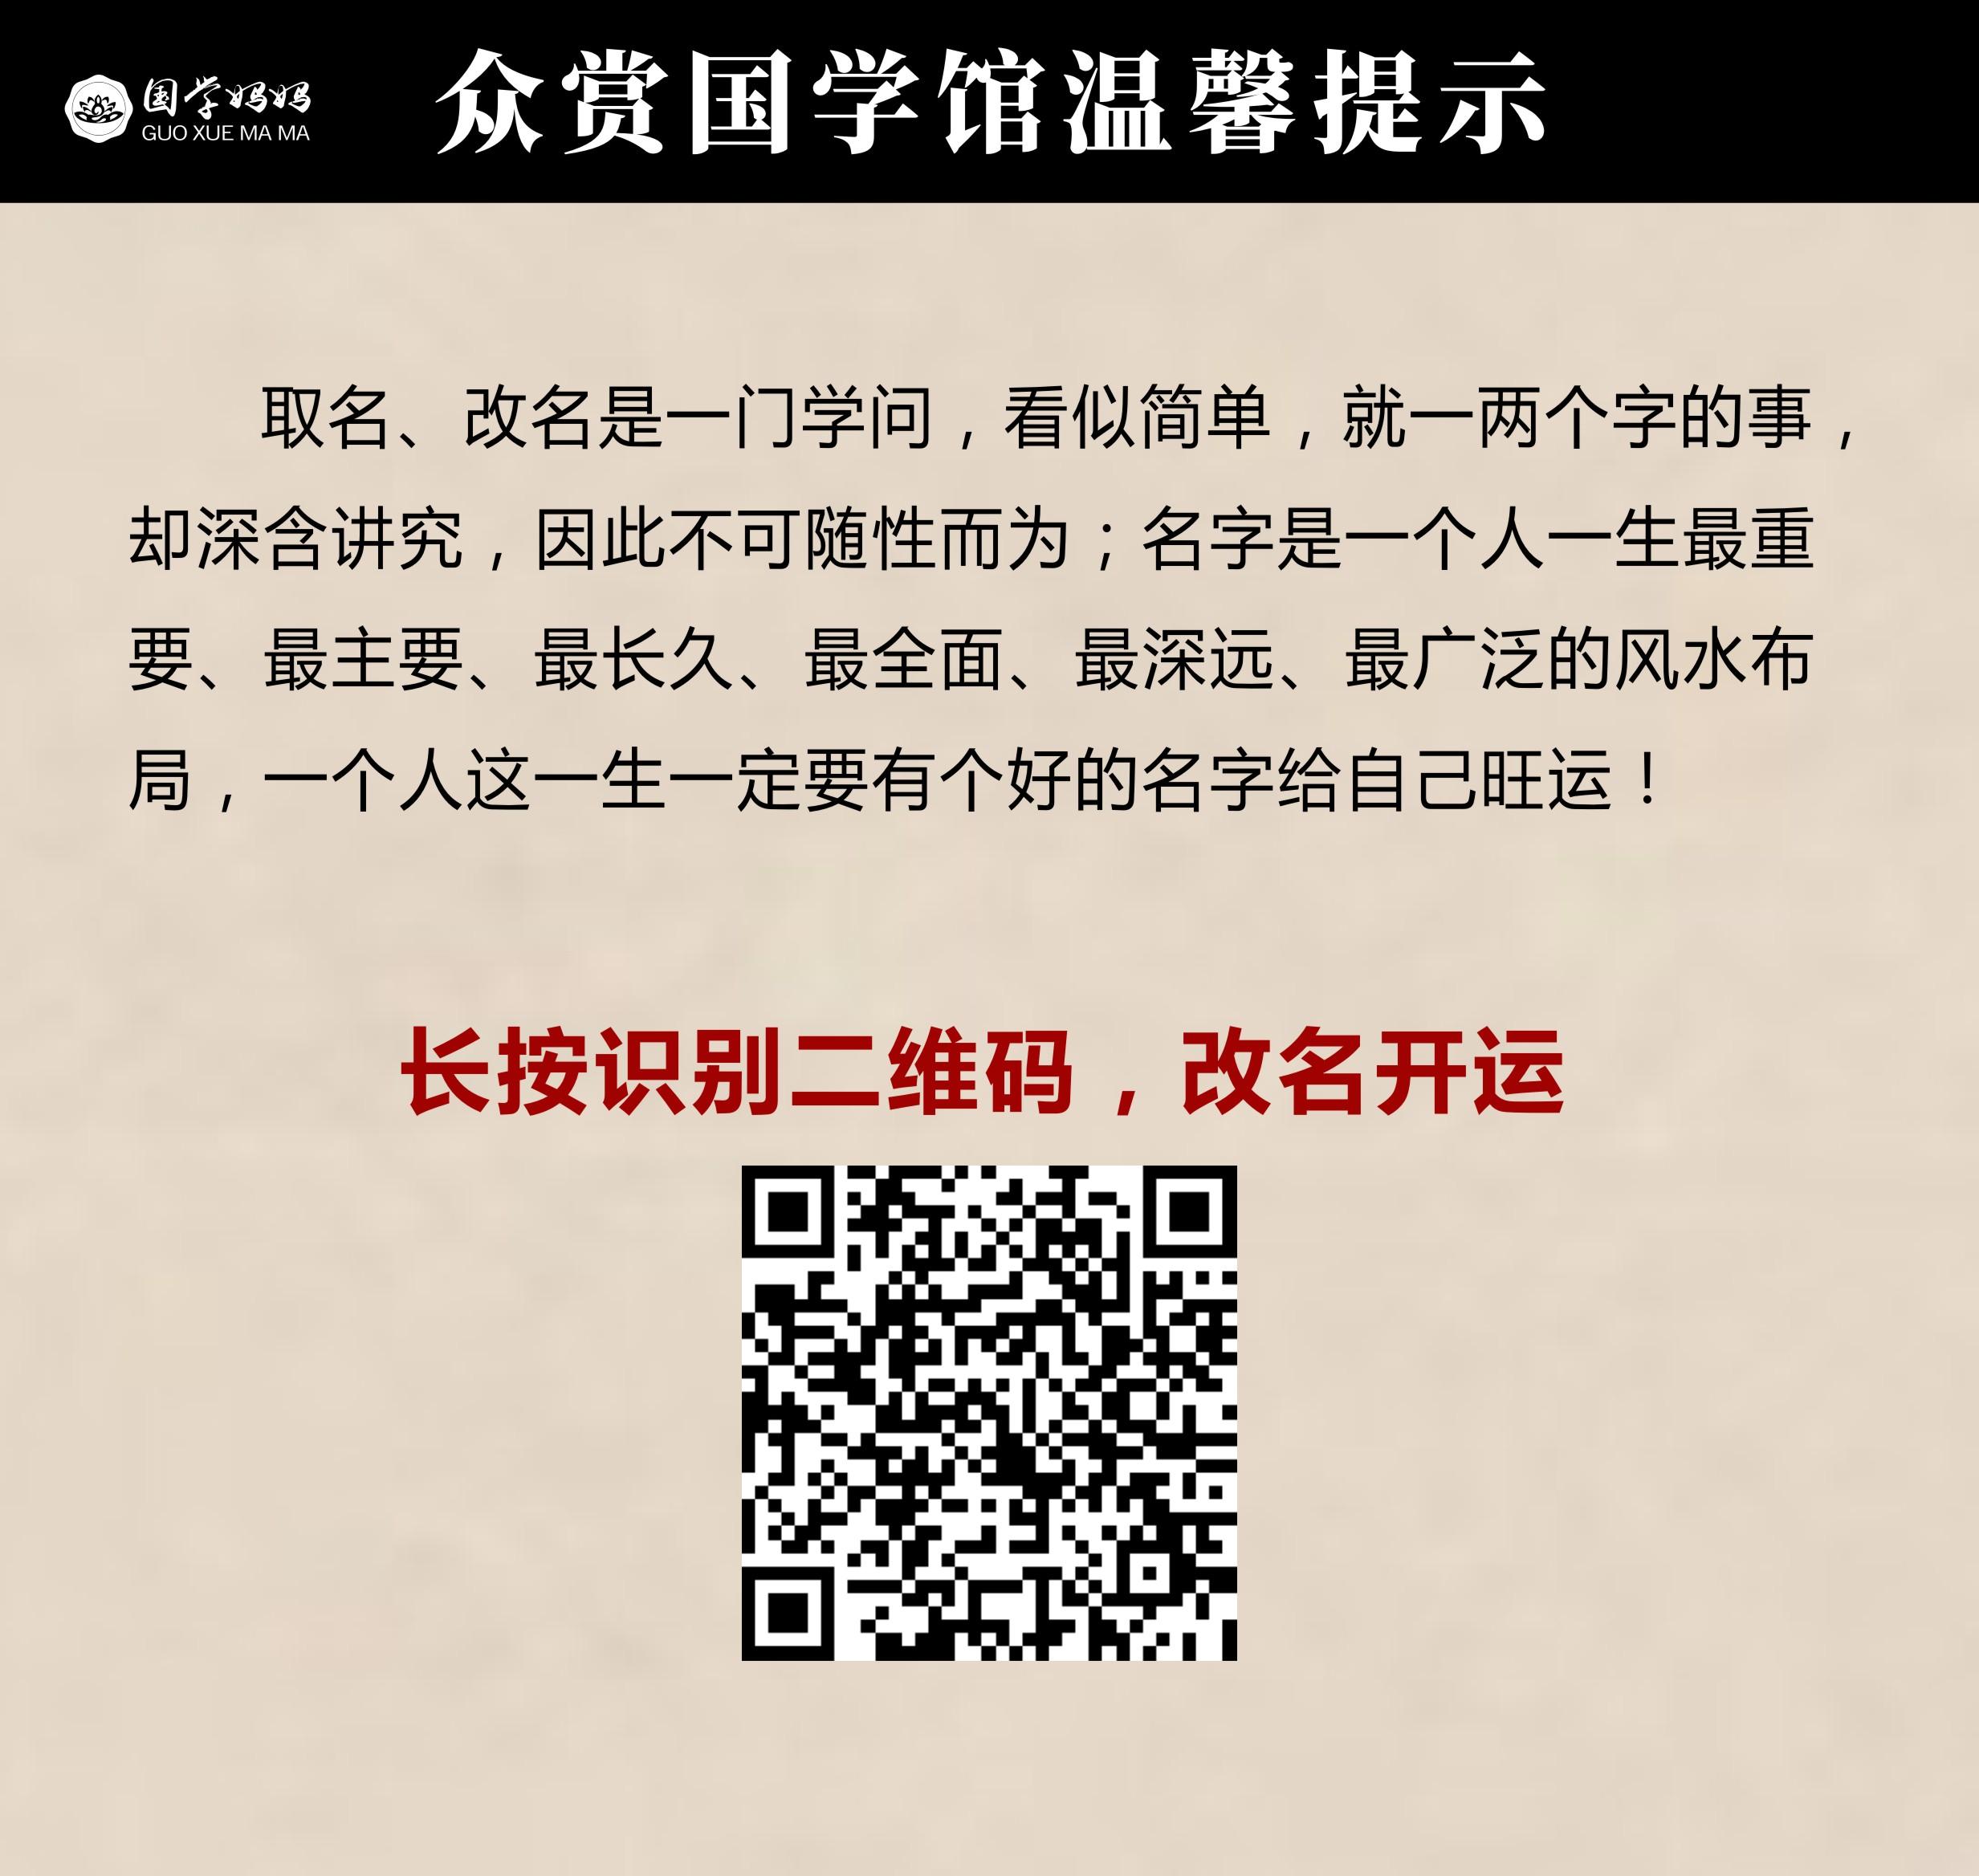 微信图片_20200506180038.jpg